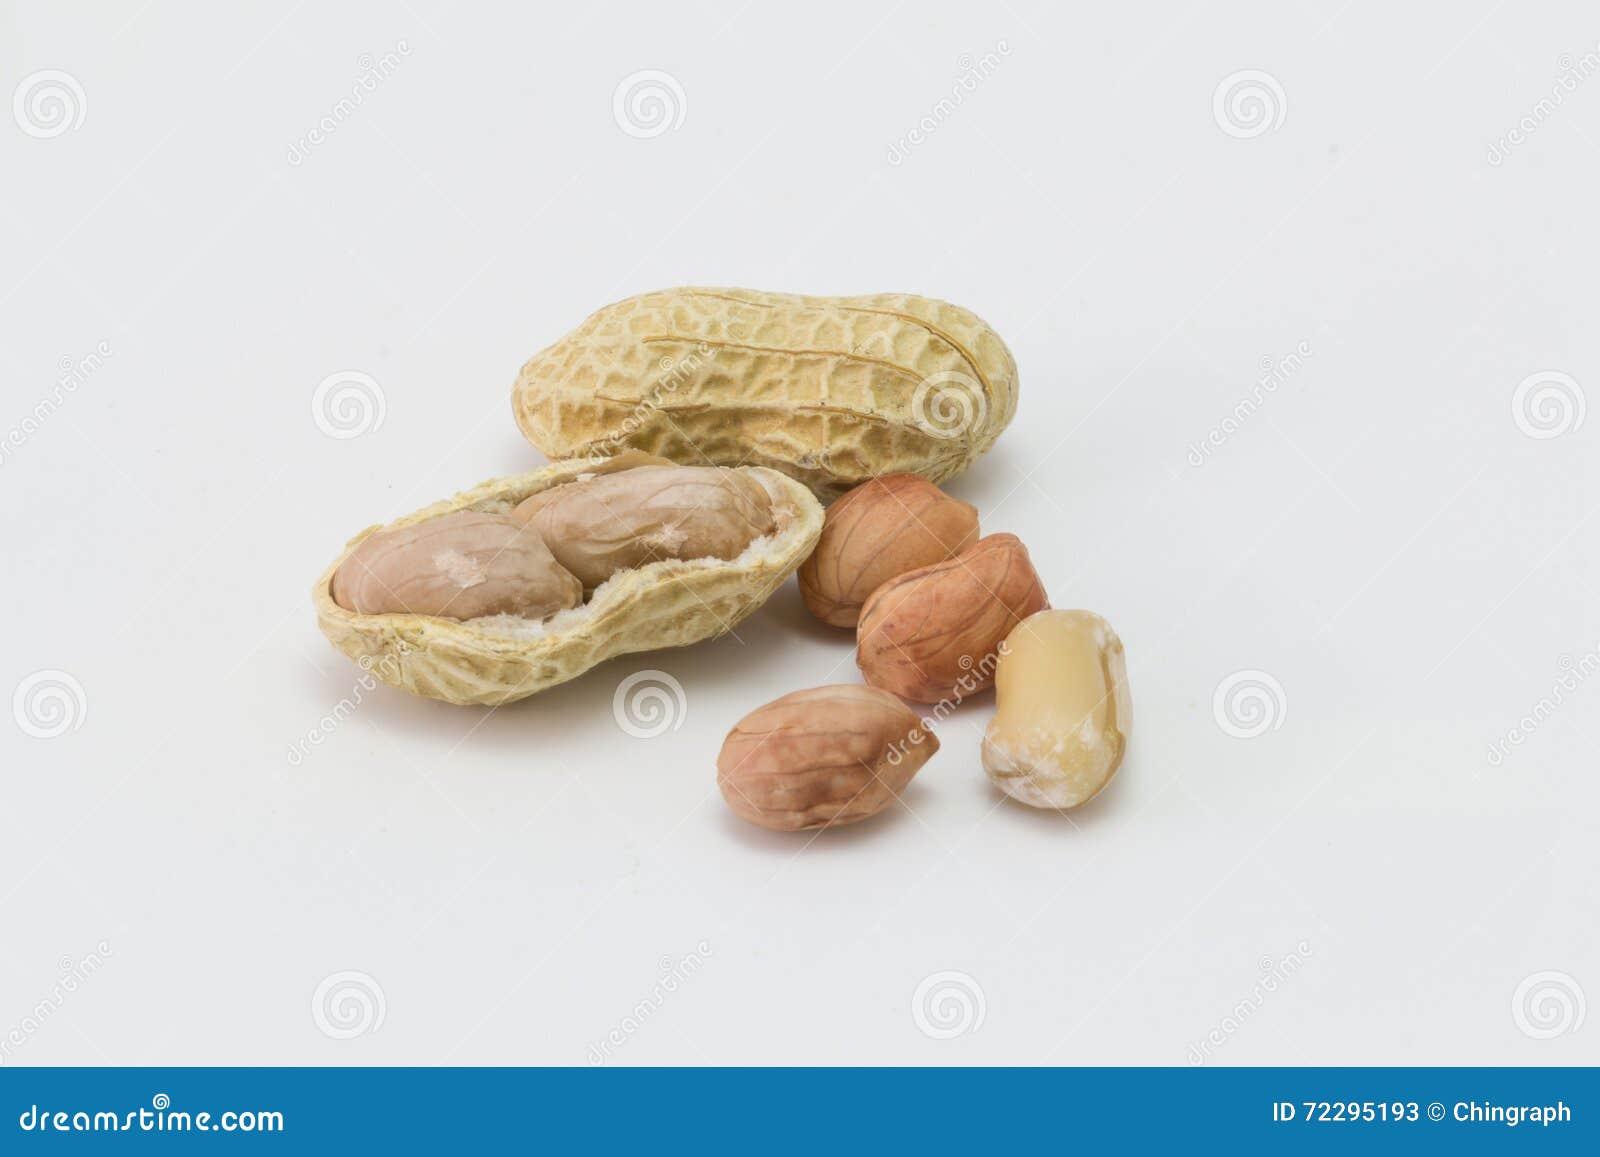 Download Арахис изолированный на белизне, арахис, сухой арахис Стоковое Изображение - изображение насчитывающей еда, nutrient: 72295193